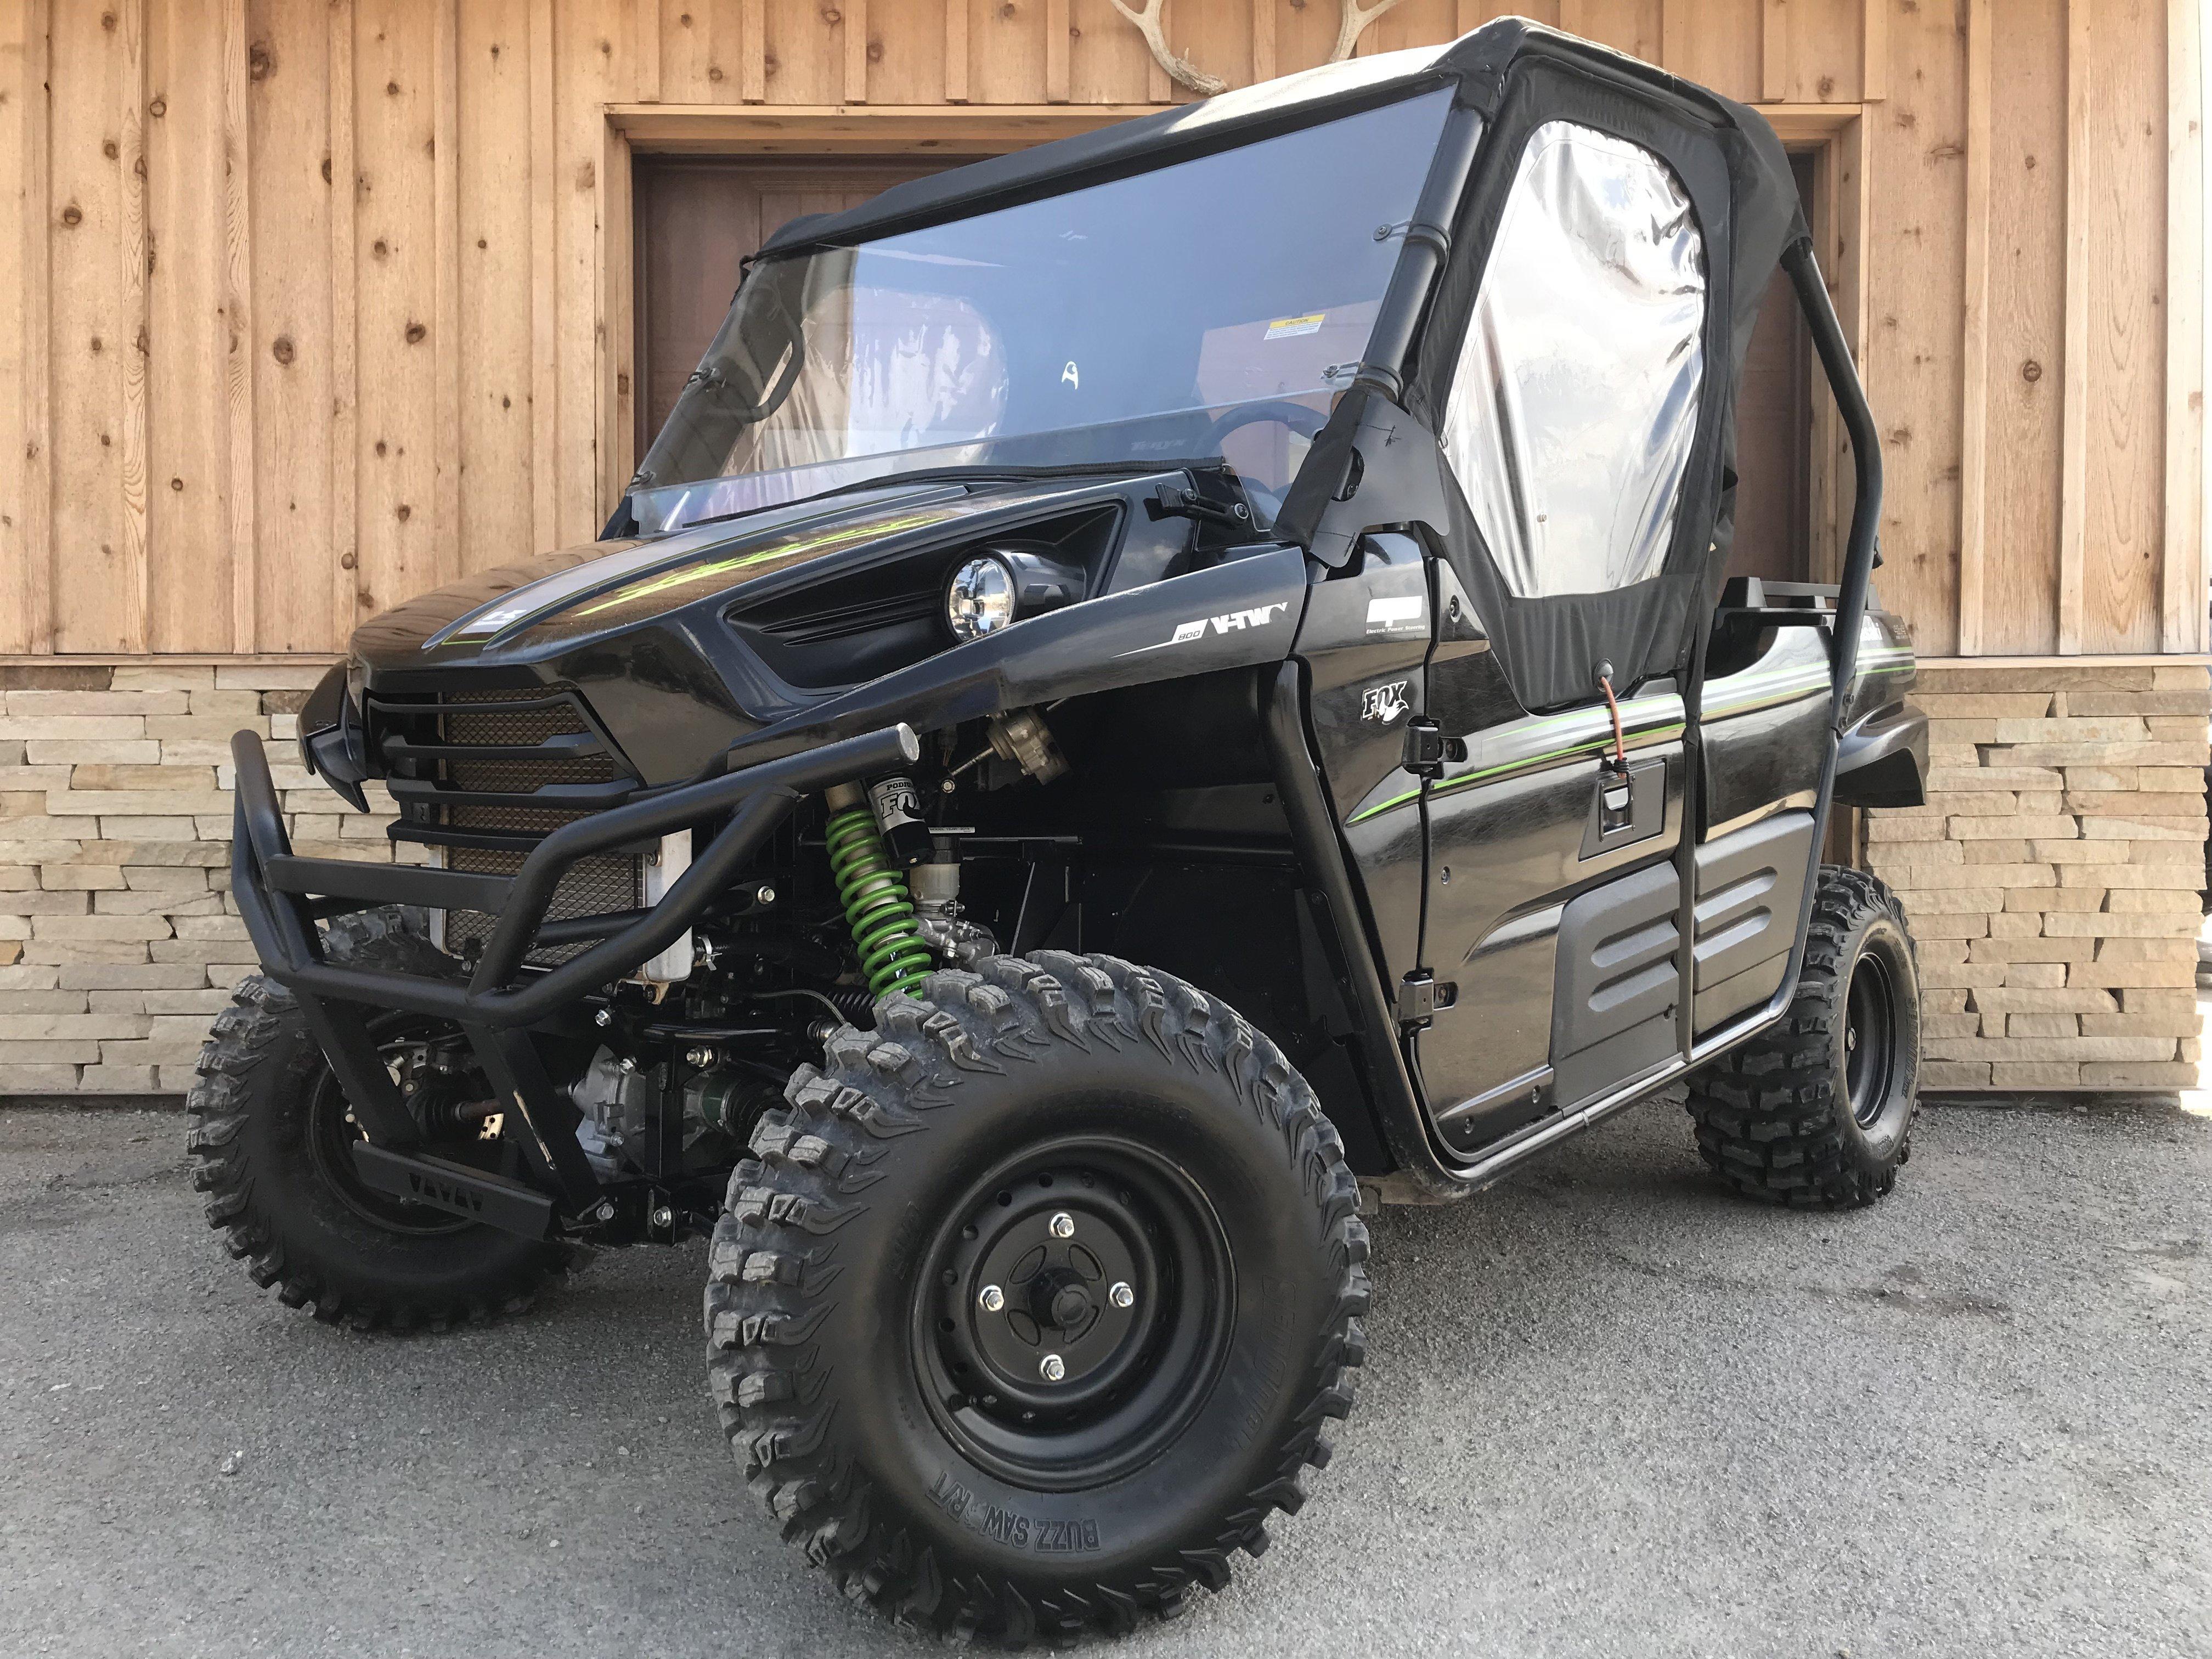 2015 Kawasaki Teryx 800 EPS 79453